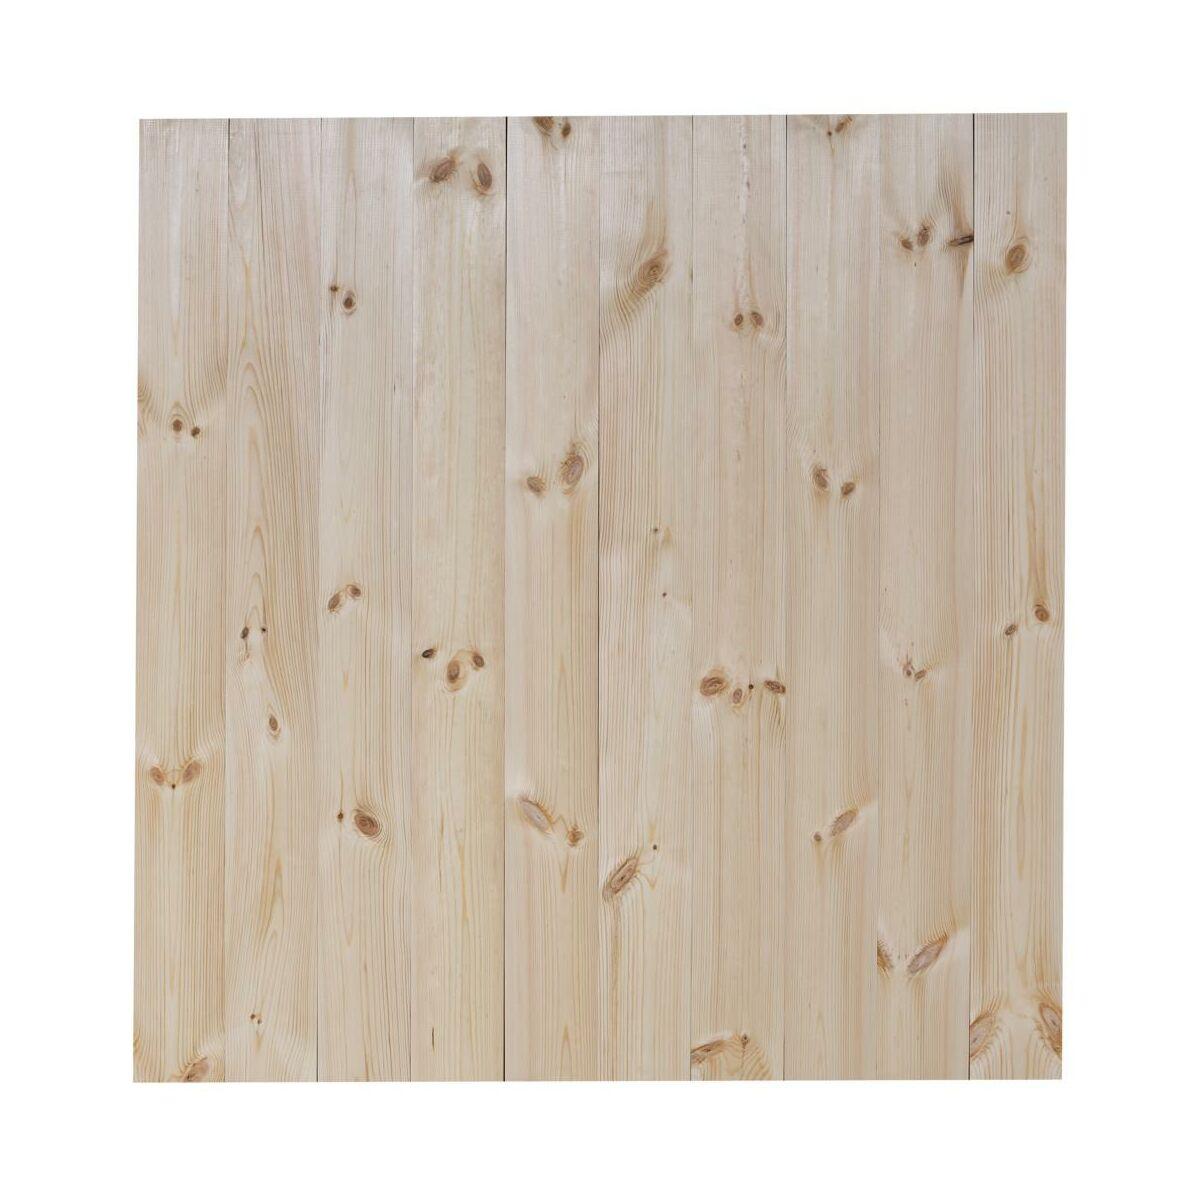 Deska Lita Sosna Rustic 1 Lamelowa Surowa 25 Mm Floorpol Deski Podlogowe W Atrakcyjnej Cenie W Sklepach Leroy Merlin